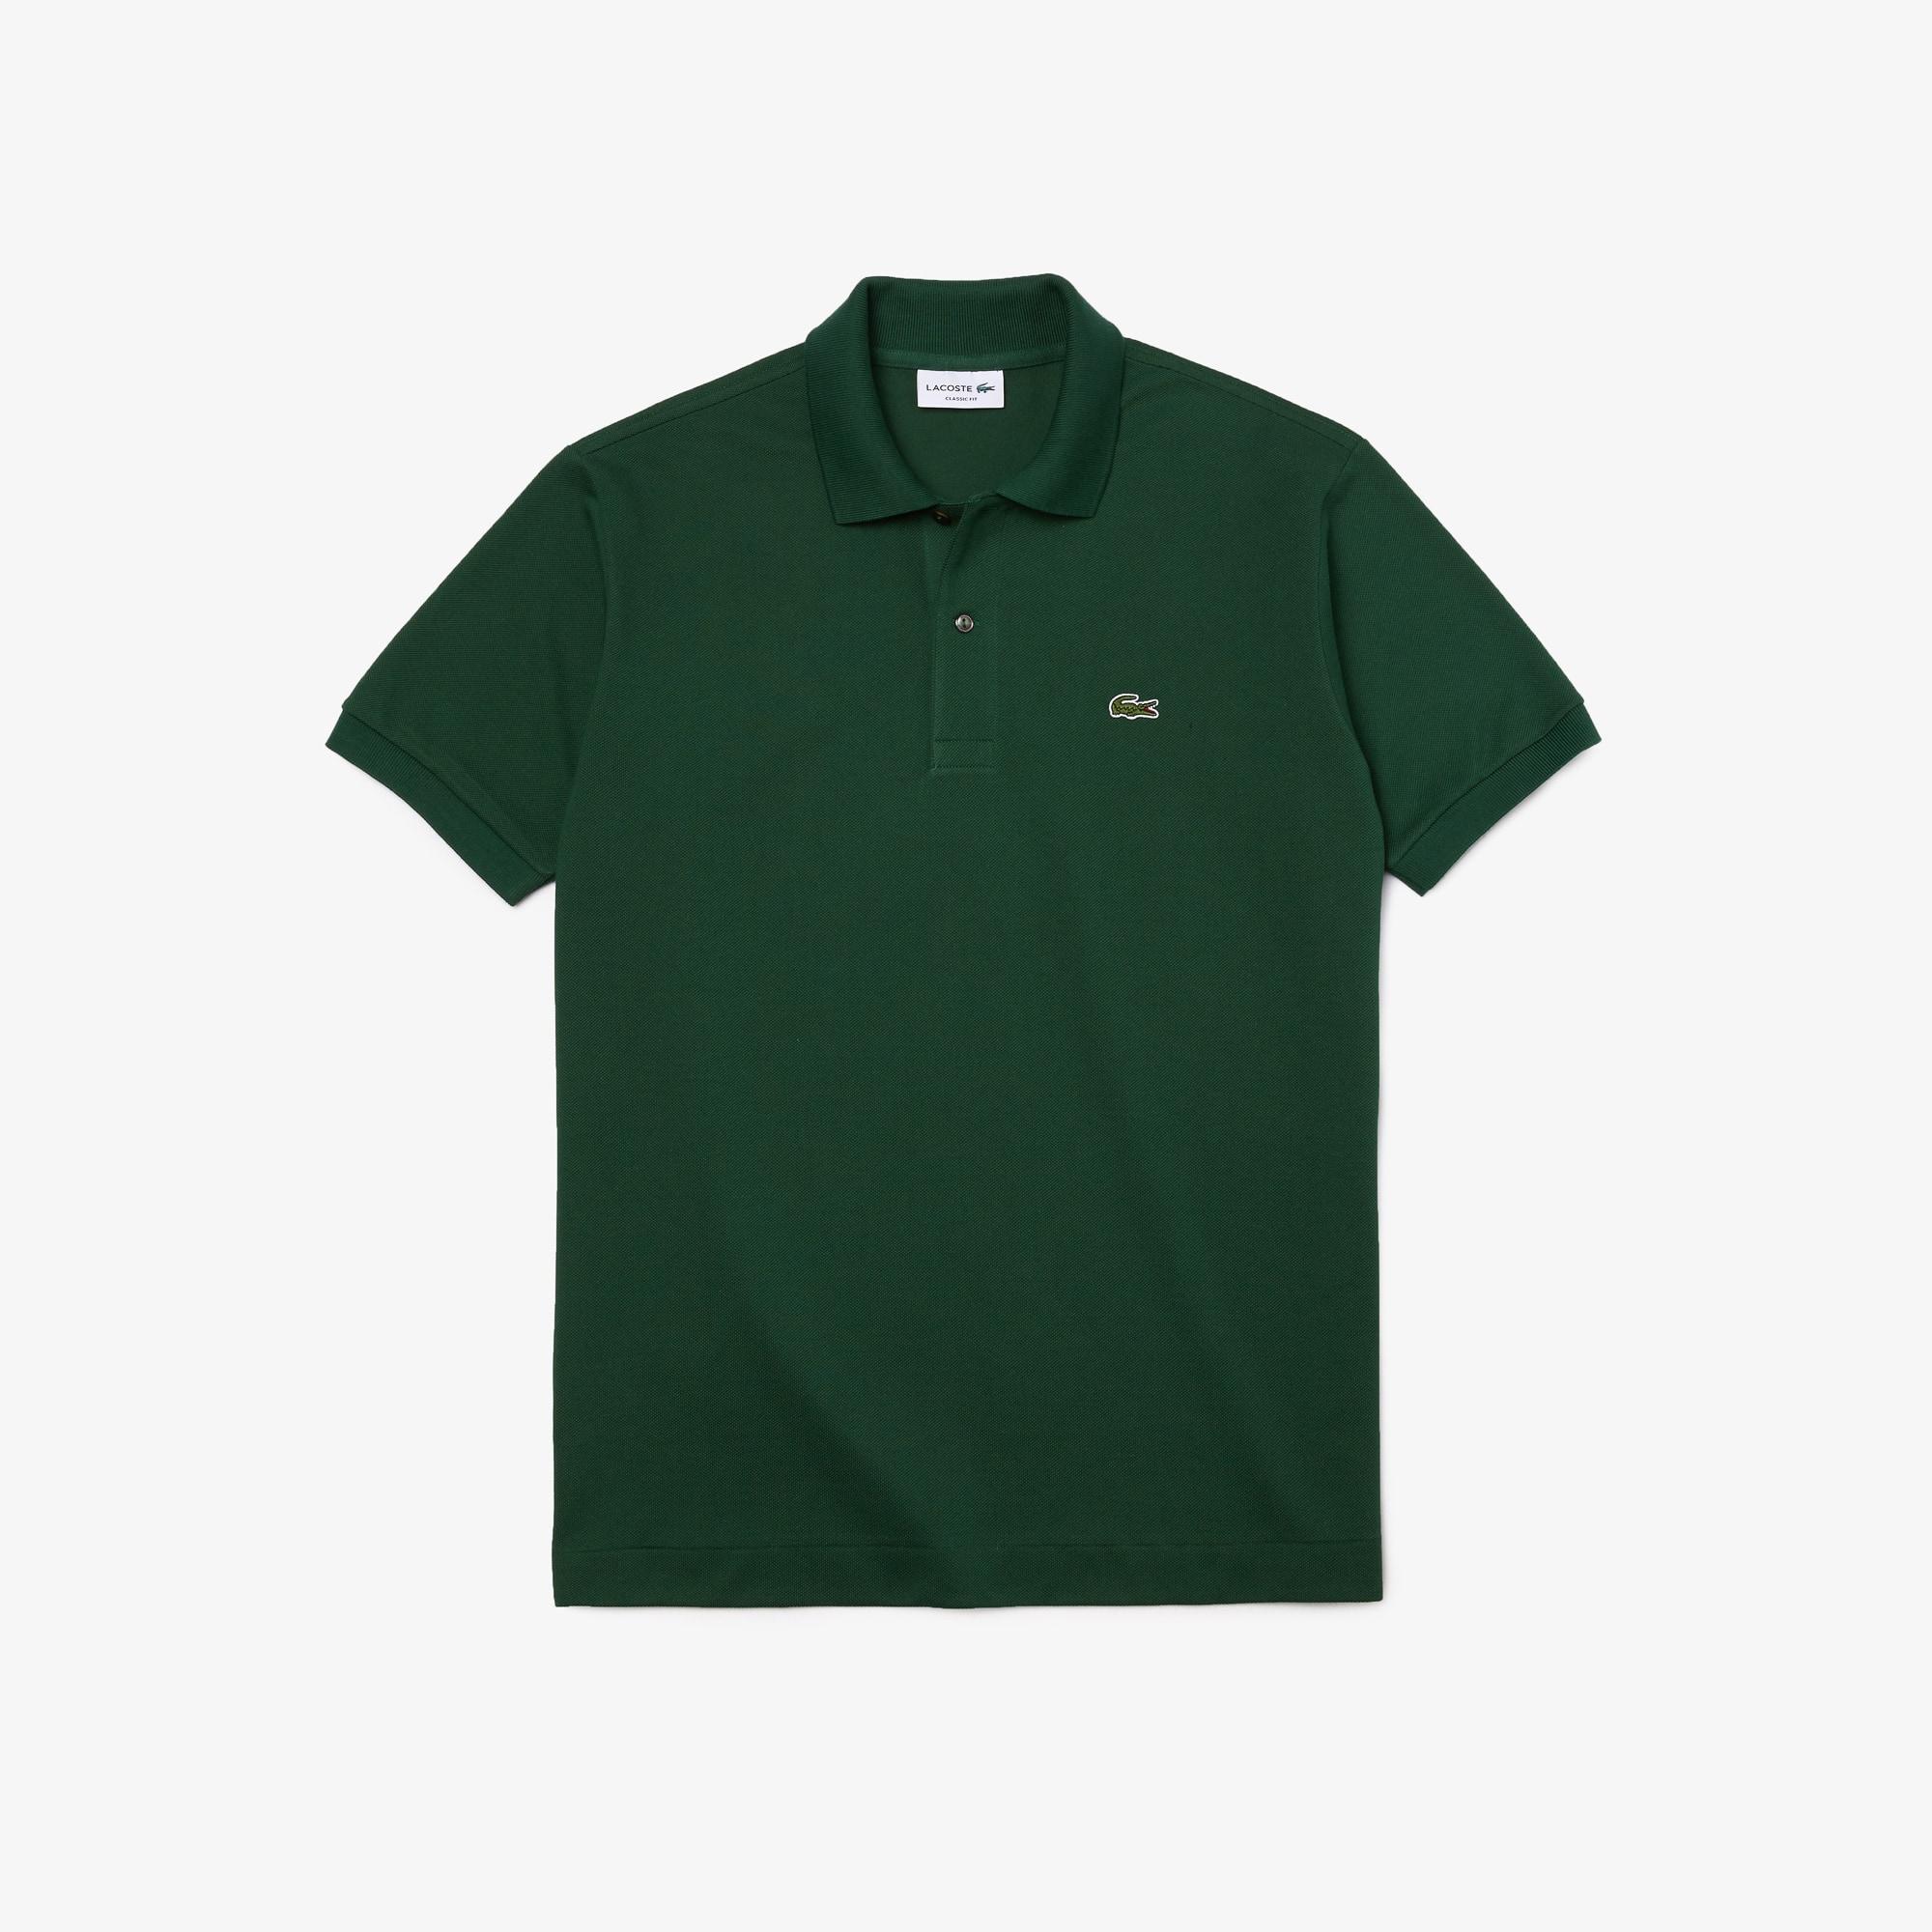 Camisa Polo Masculina L.12.12 b14ad6597965a